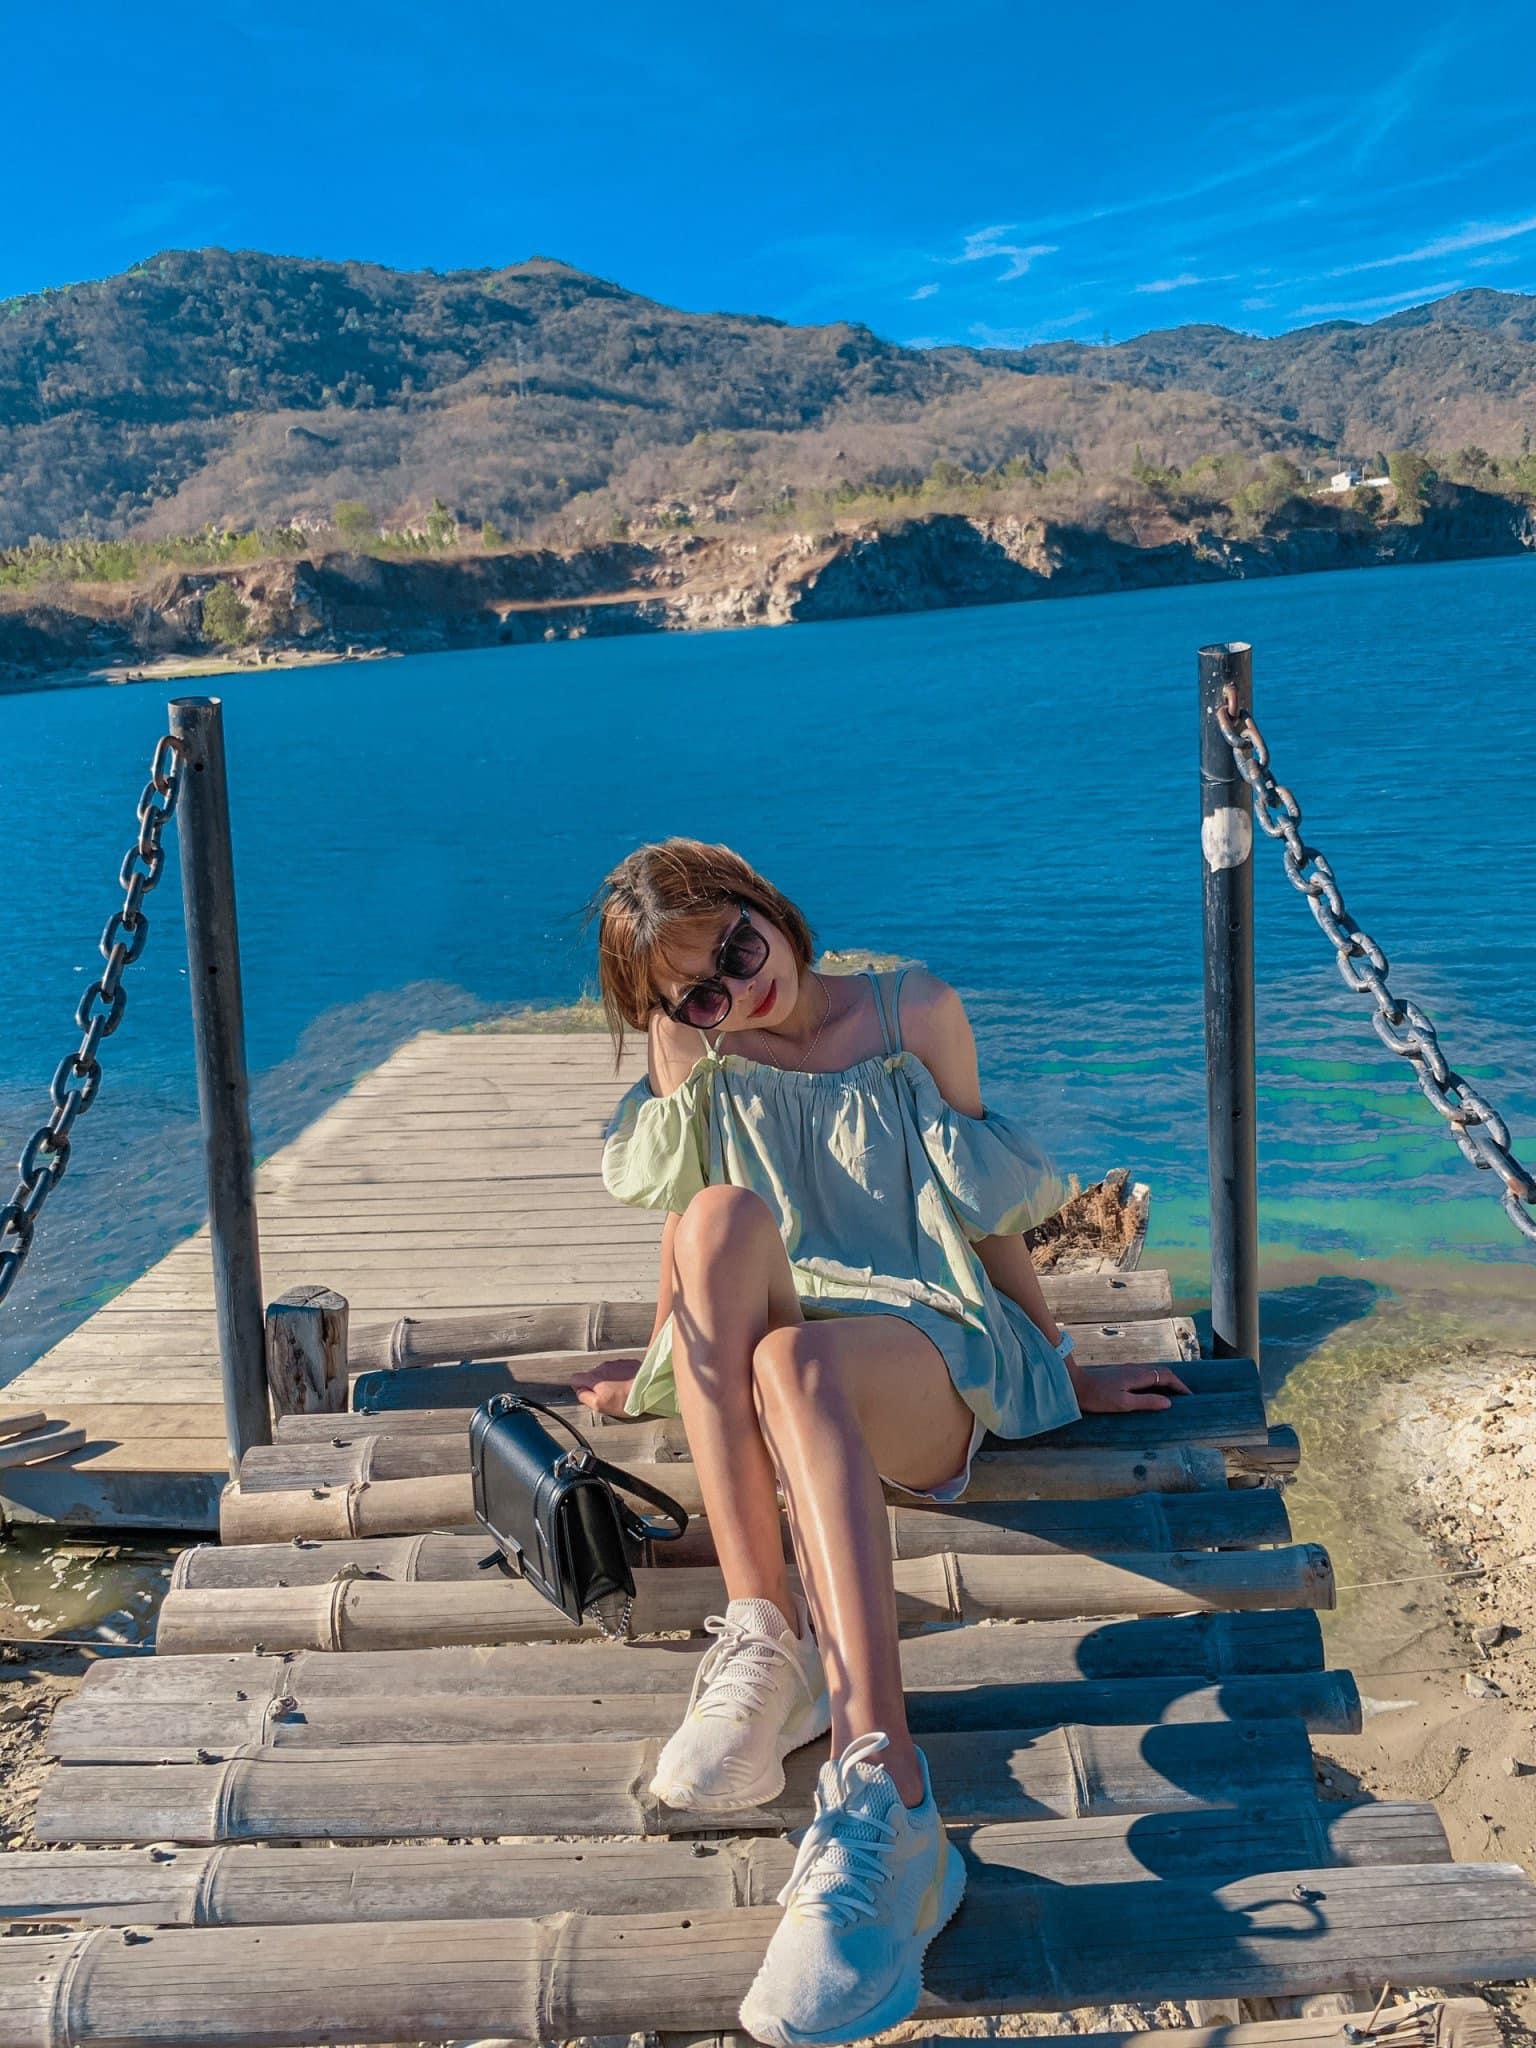 Bật mí 5 góc chụp 'đẹp miễn chê' tại hồ Đá Xanh, Vũng Tàu  - Ảnh 8.